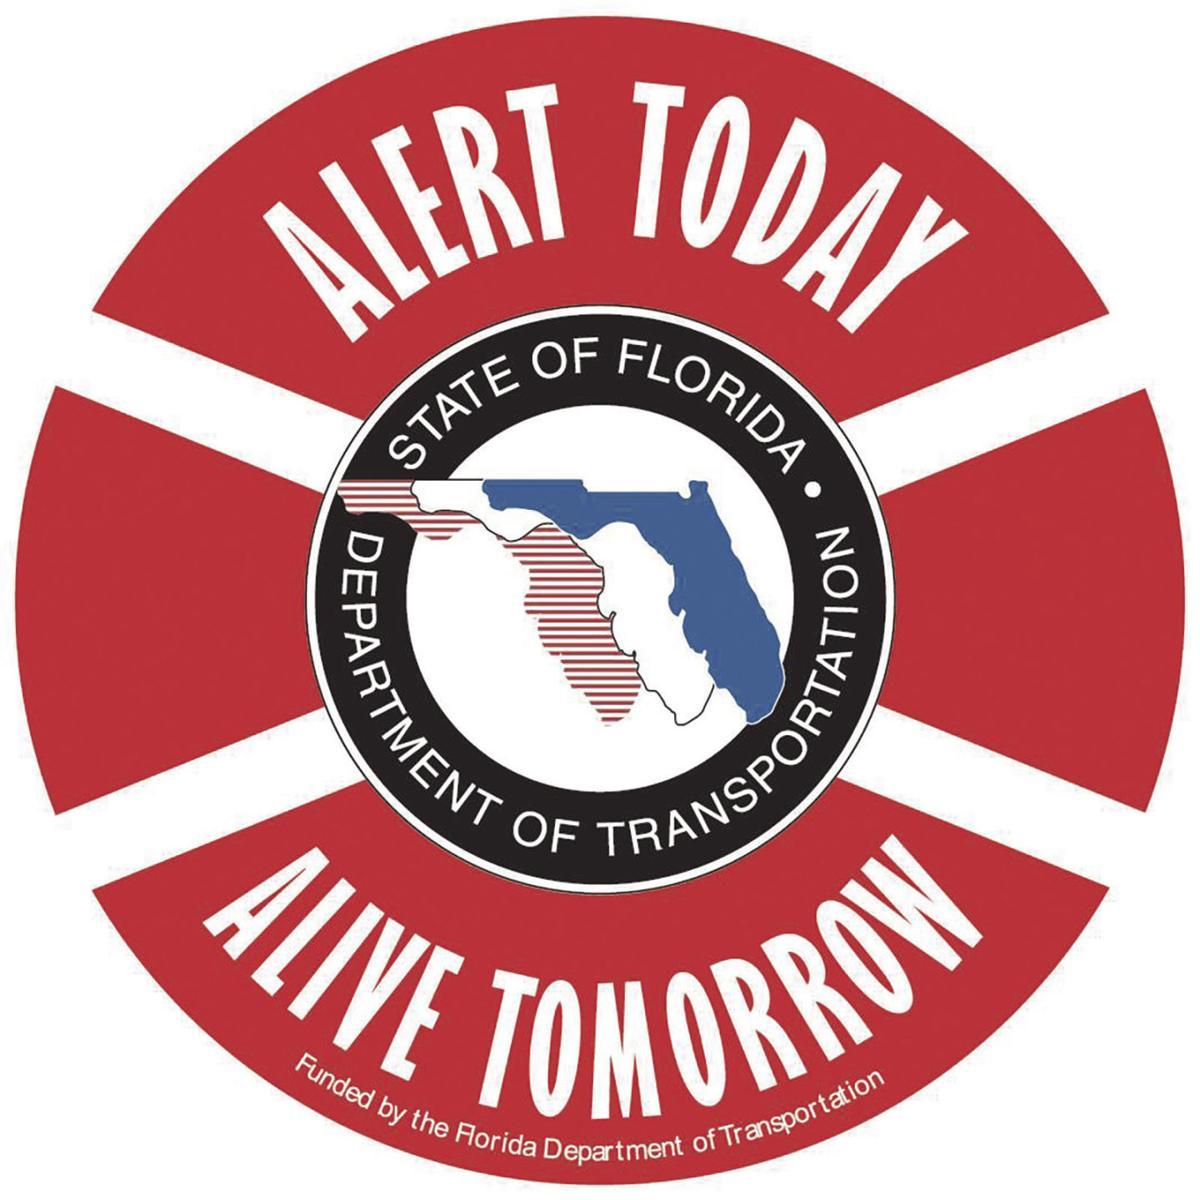 Alert Today